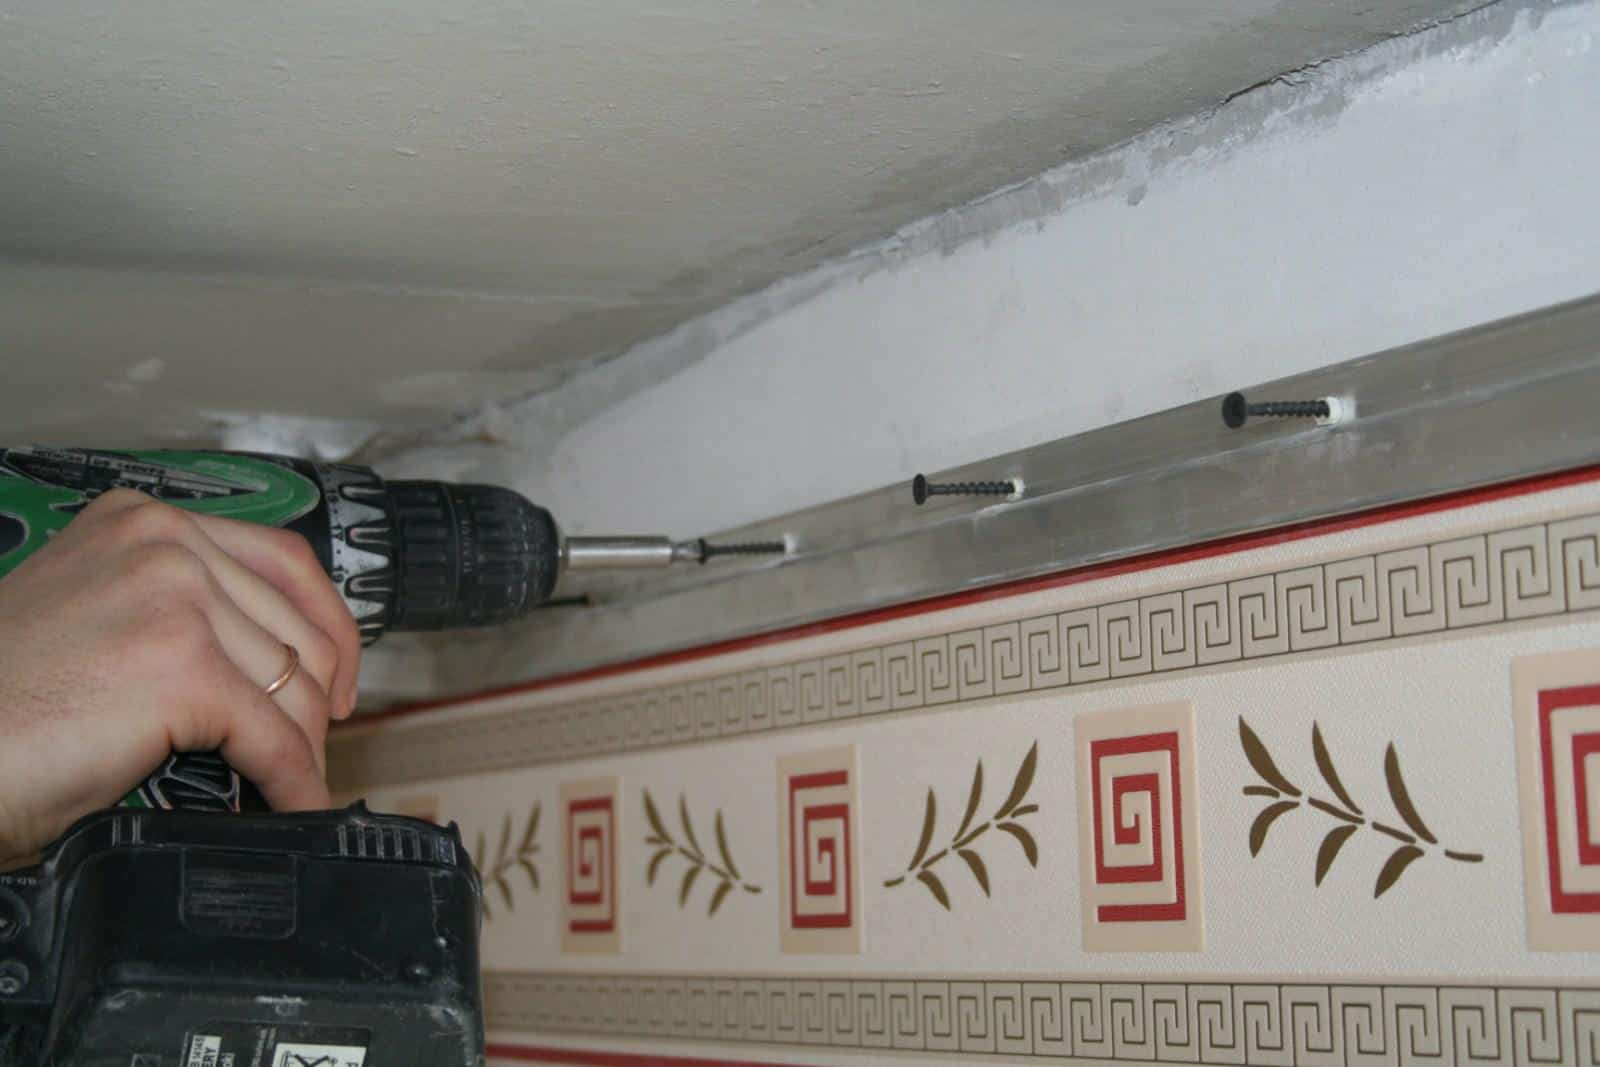 Настенный профиль | На сколько опускается натяжной потолок, как уменьшить его высоту